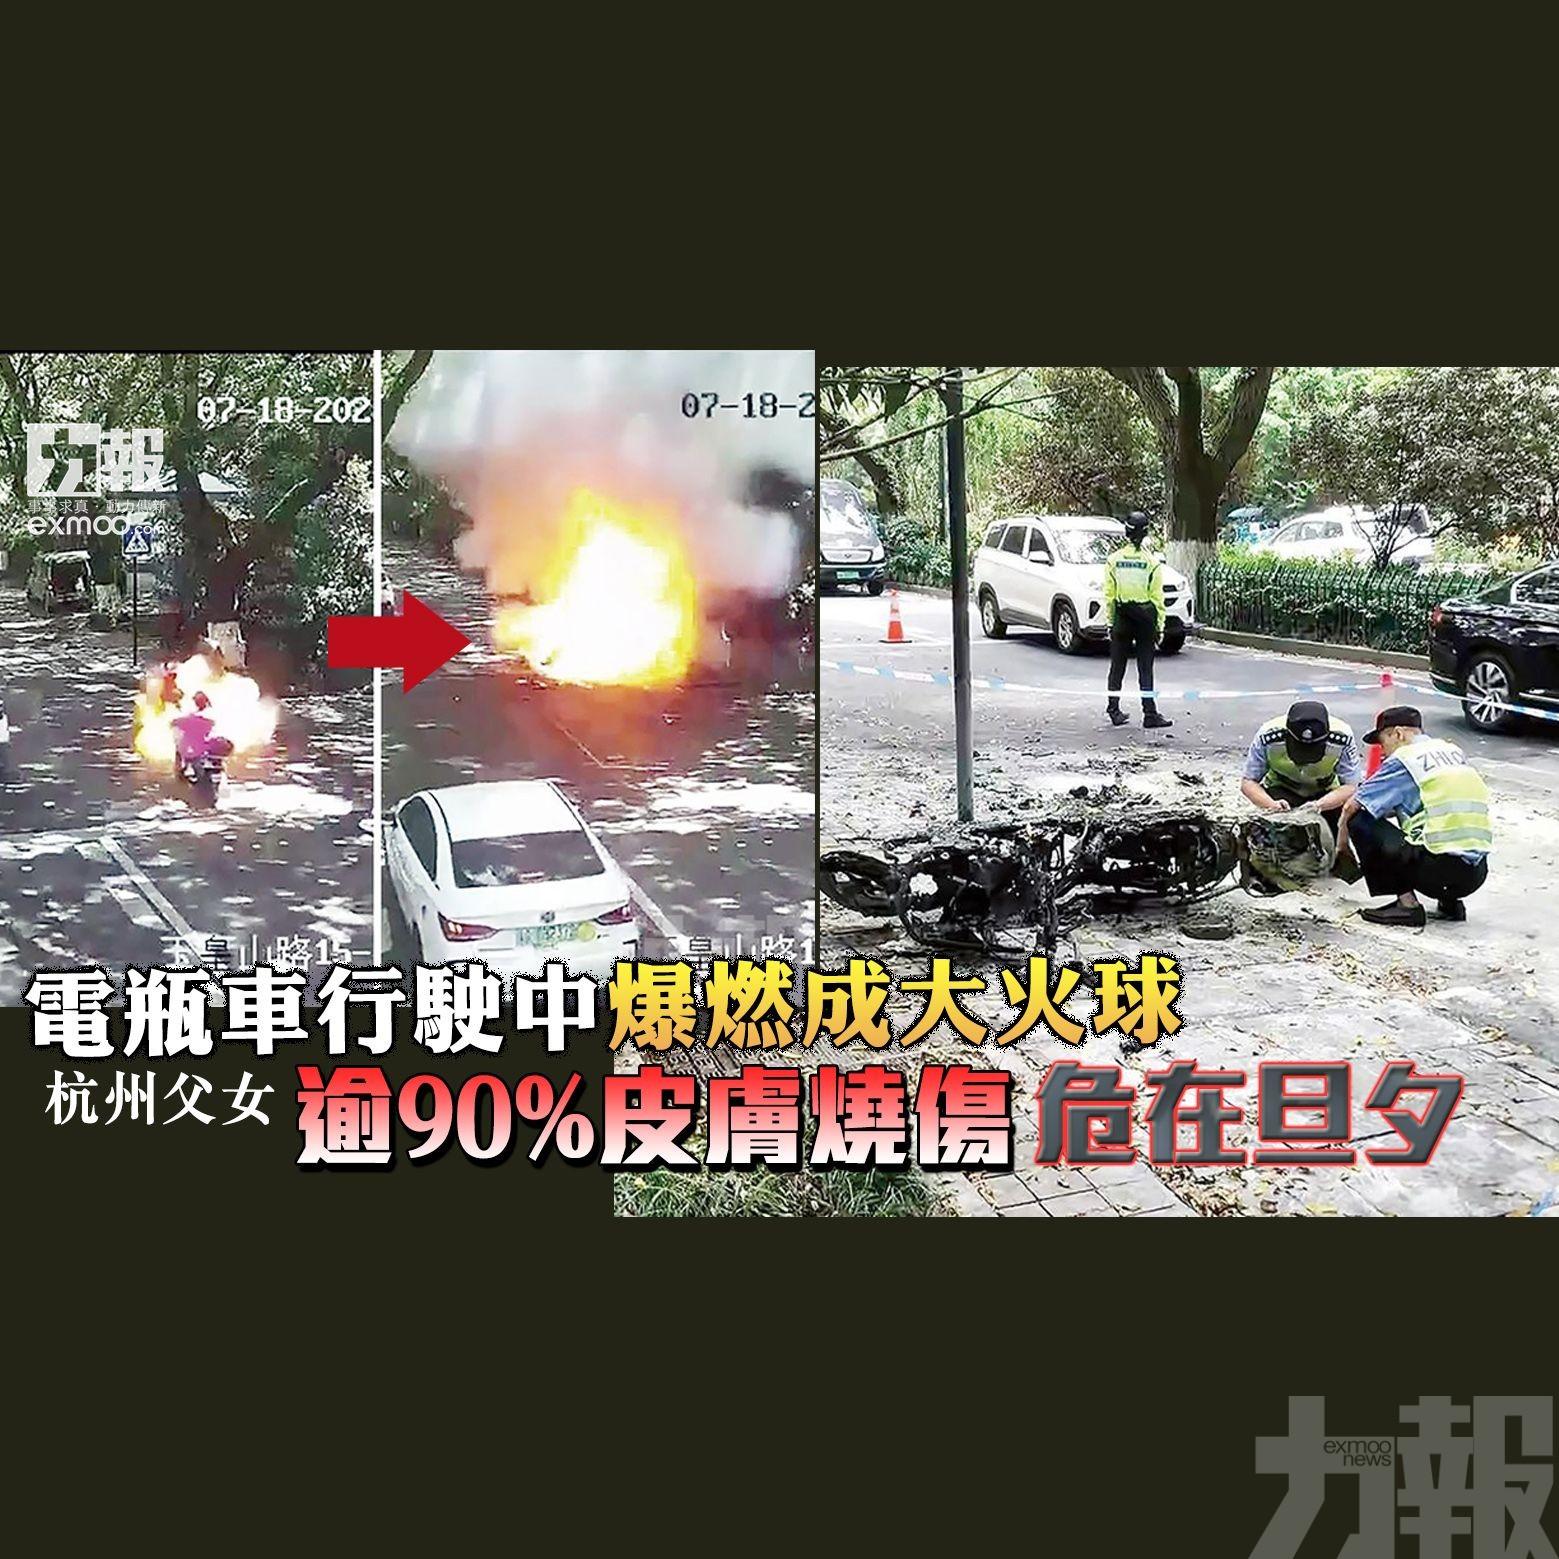 杭州父女逾90%皮膚燒傷危在旦夕